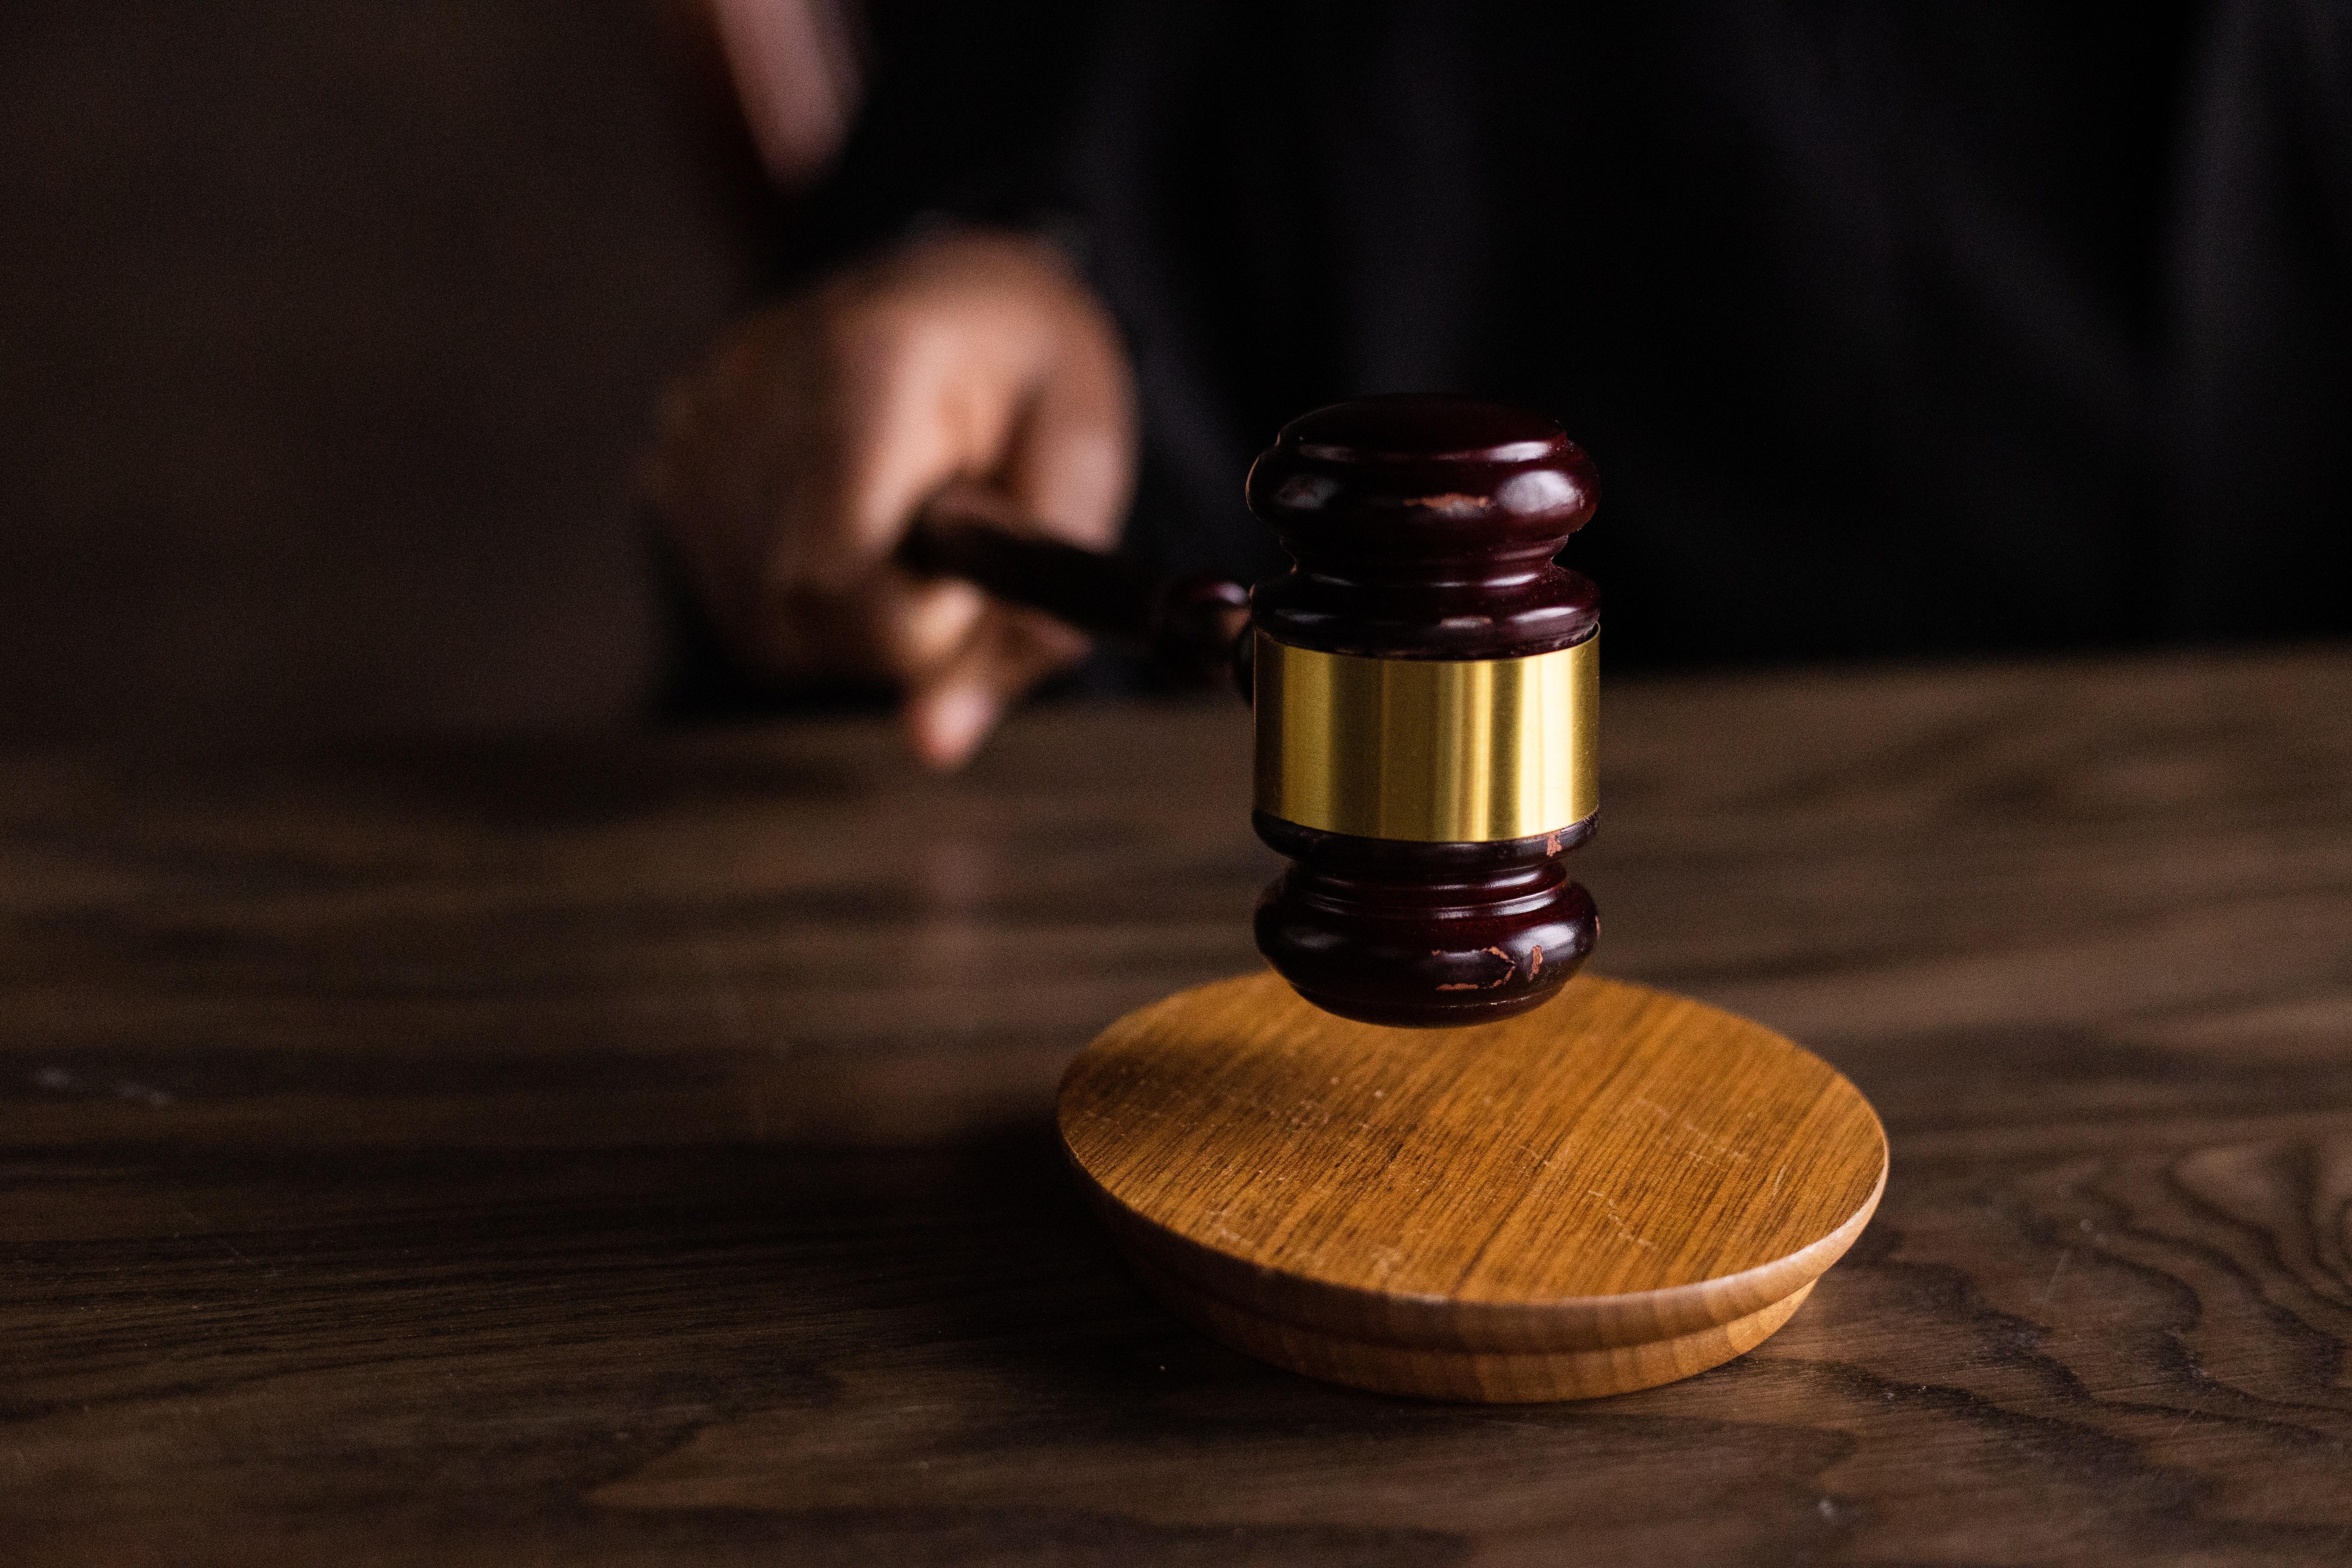 Notícias - STF suspende decisão do TJRS sobre a prorrogação de validade de concurso público municipal já homologado